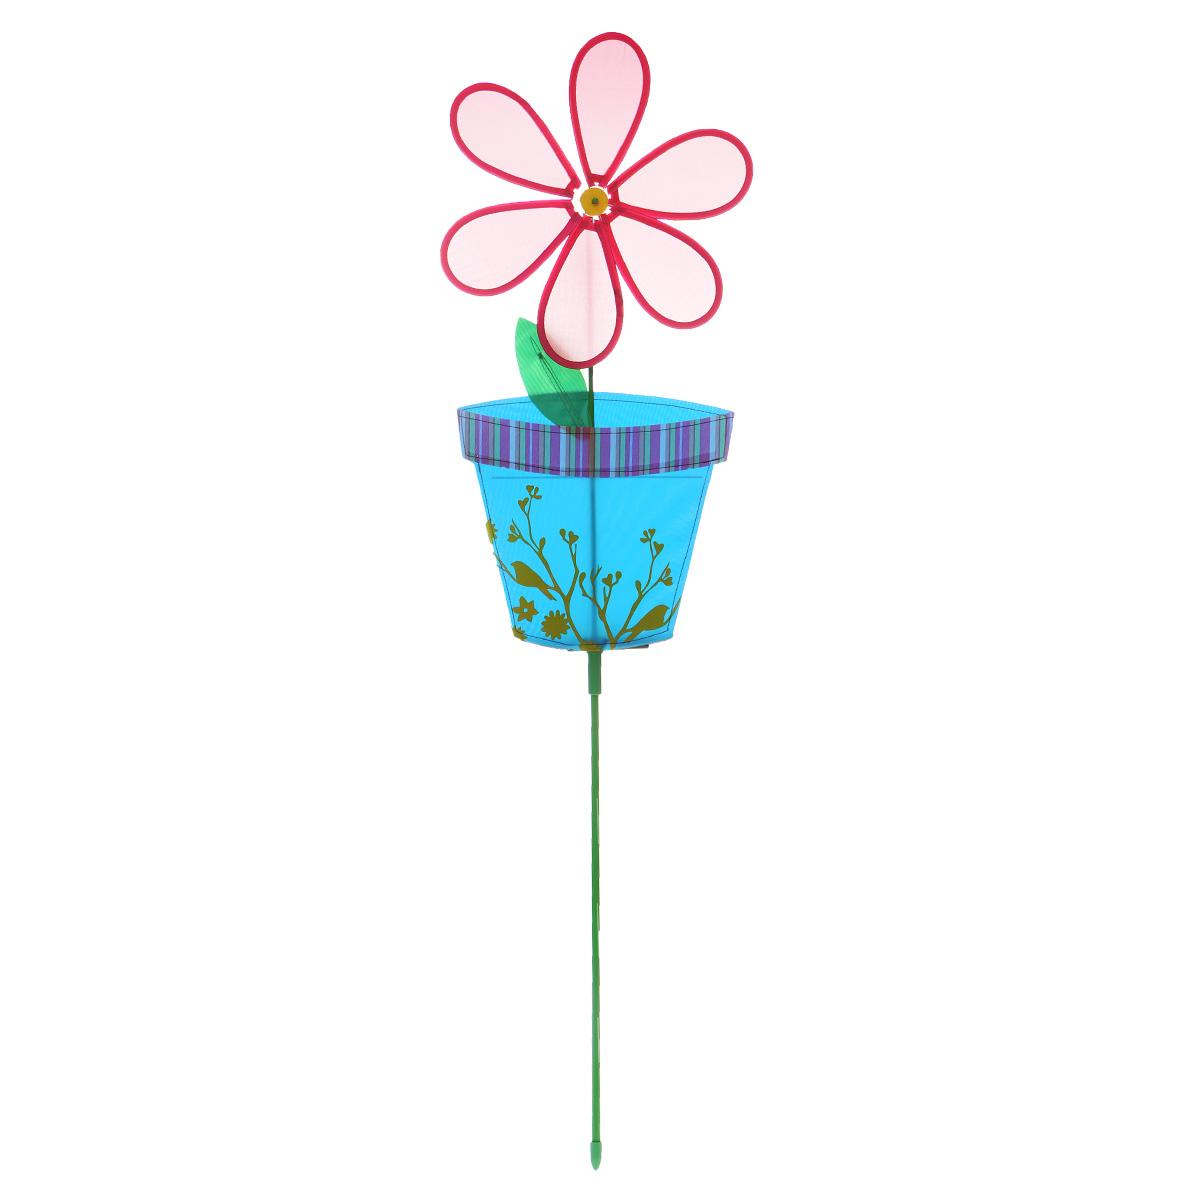 Фигура-вертушка декоративная Village People Цветок в горшочке, цвет: красный, высота 114 см. 6692466924_3Декоративная фигура-вертушка Village People Цветок в горшочке - это не только любимая всеми игрушка, но и замечательный способ отпугнуть птиц с грядок. А за счёт яркого дизайна ландшафт сада станет еще привлекательнее. Диаметр цветка: 28 см. Размер фигуры-вертушки: 114 см х 28 см х 2,5 см